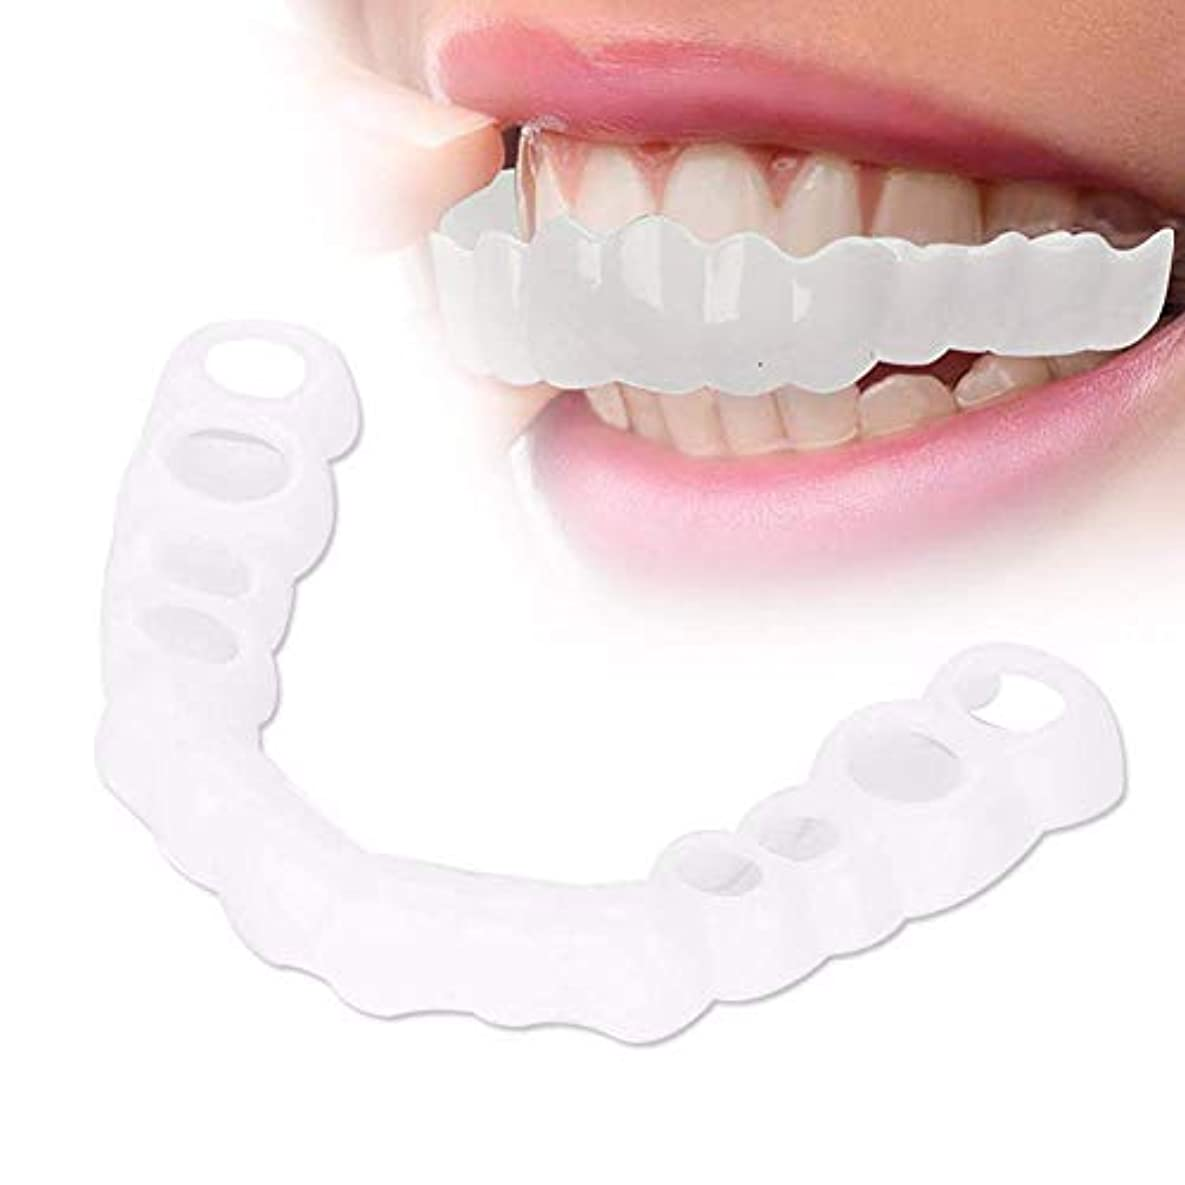 注入物理的な溶けたパーフェクトスマイル入れ歯の10セット、シリコーンシミュレーション、上の歯、ホワイトニング入れ歯